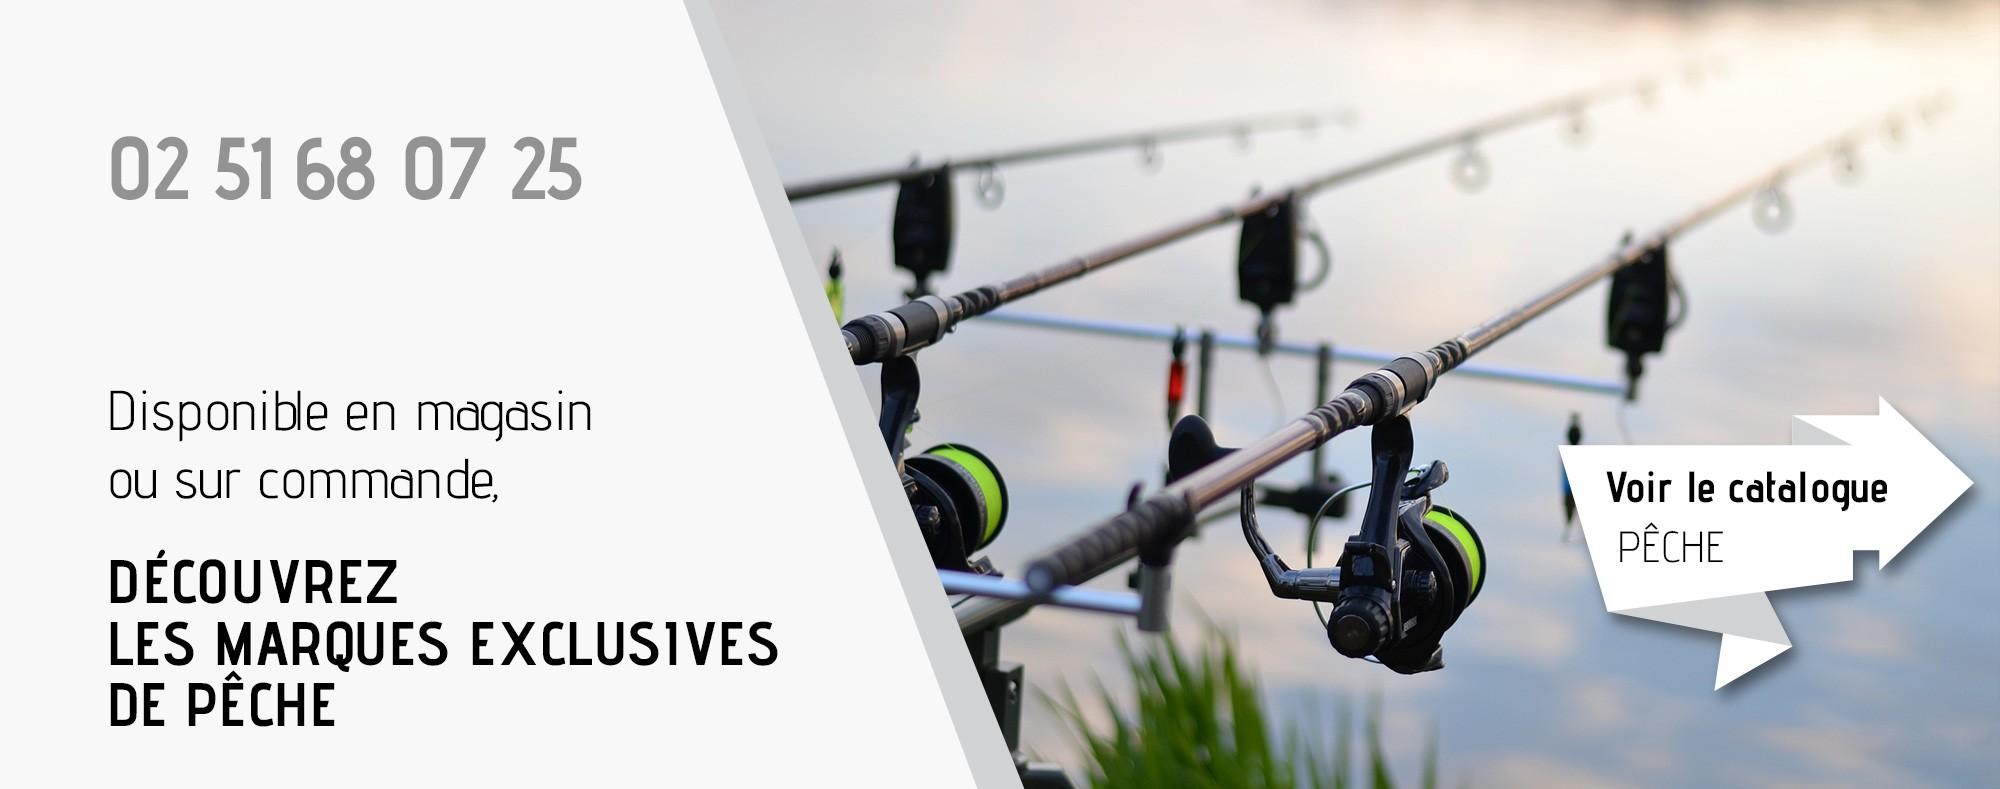 Disponible en magasin  ou sur commande,  Découvrez  les marques exclusives  de pêche